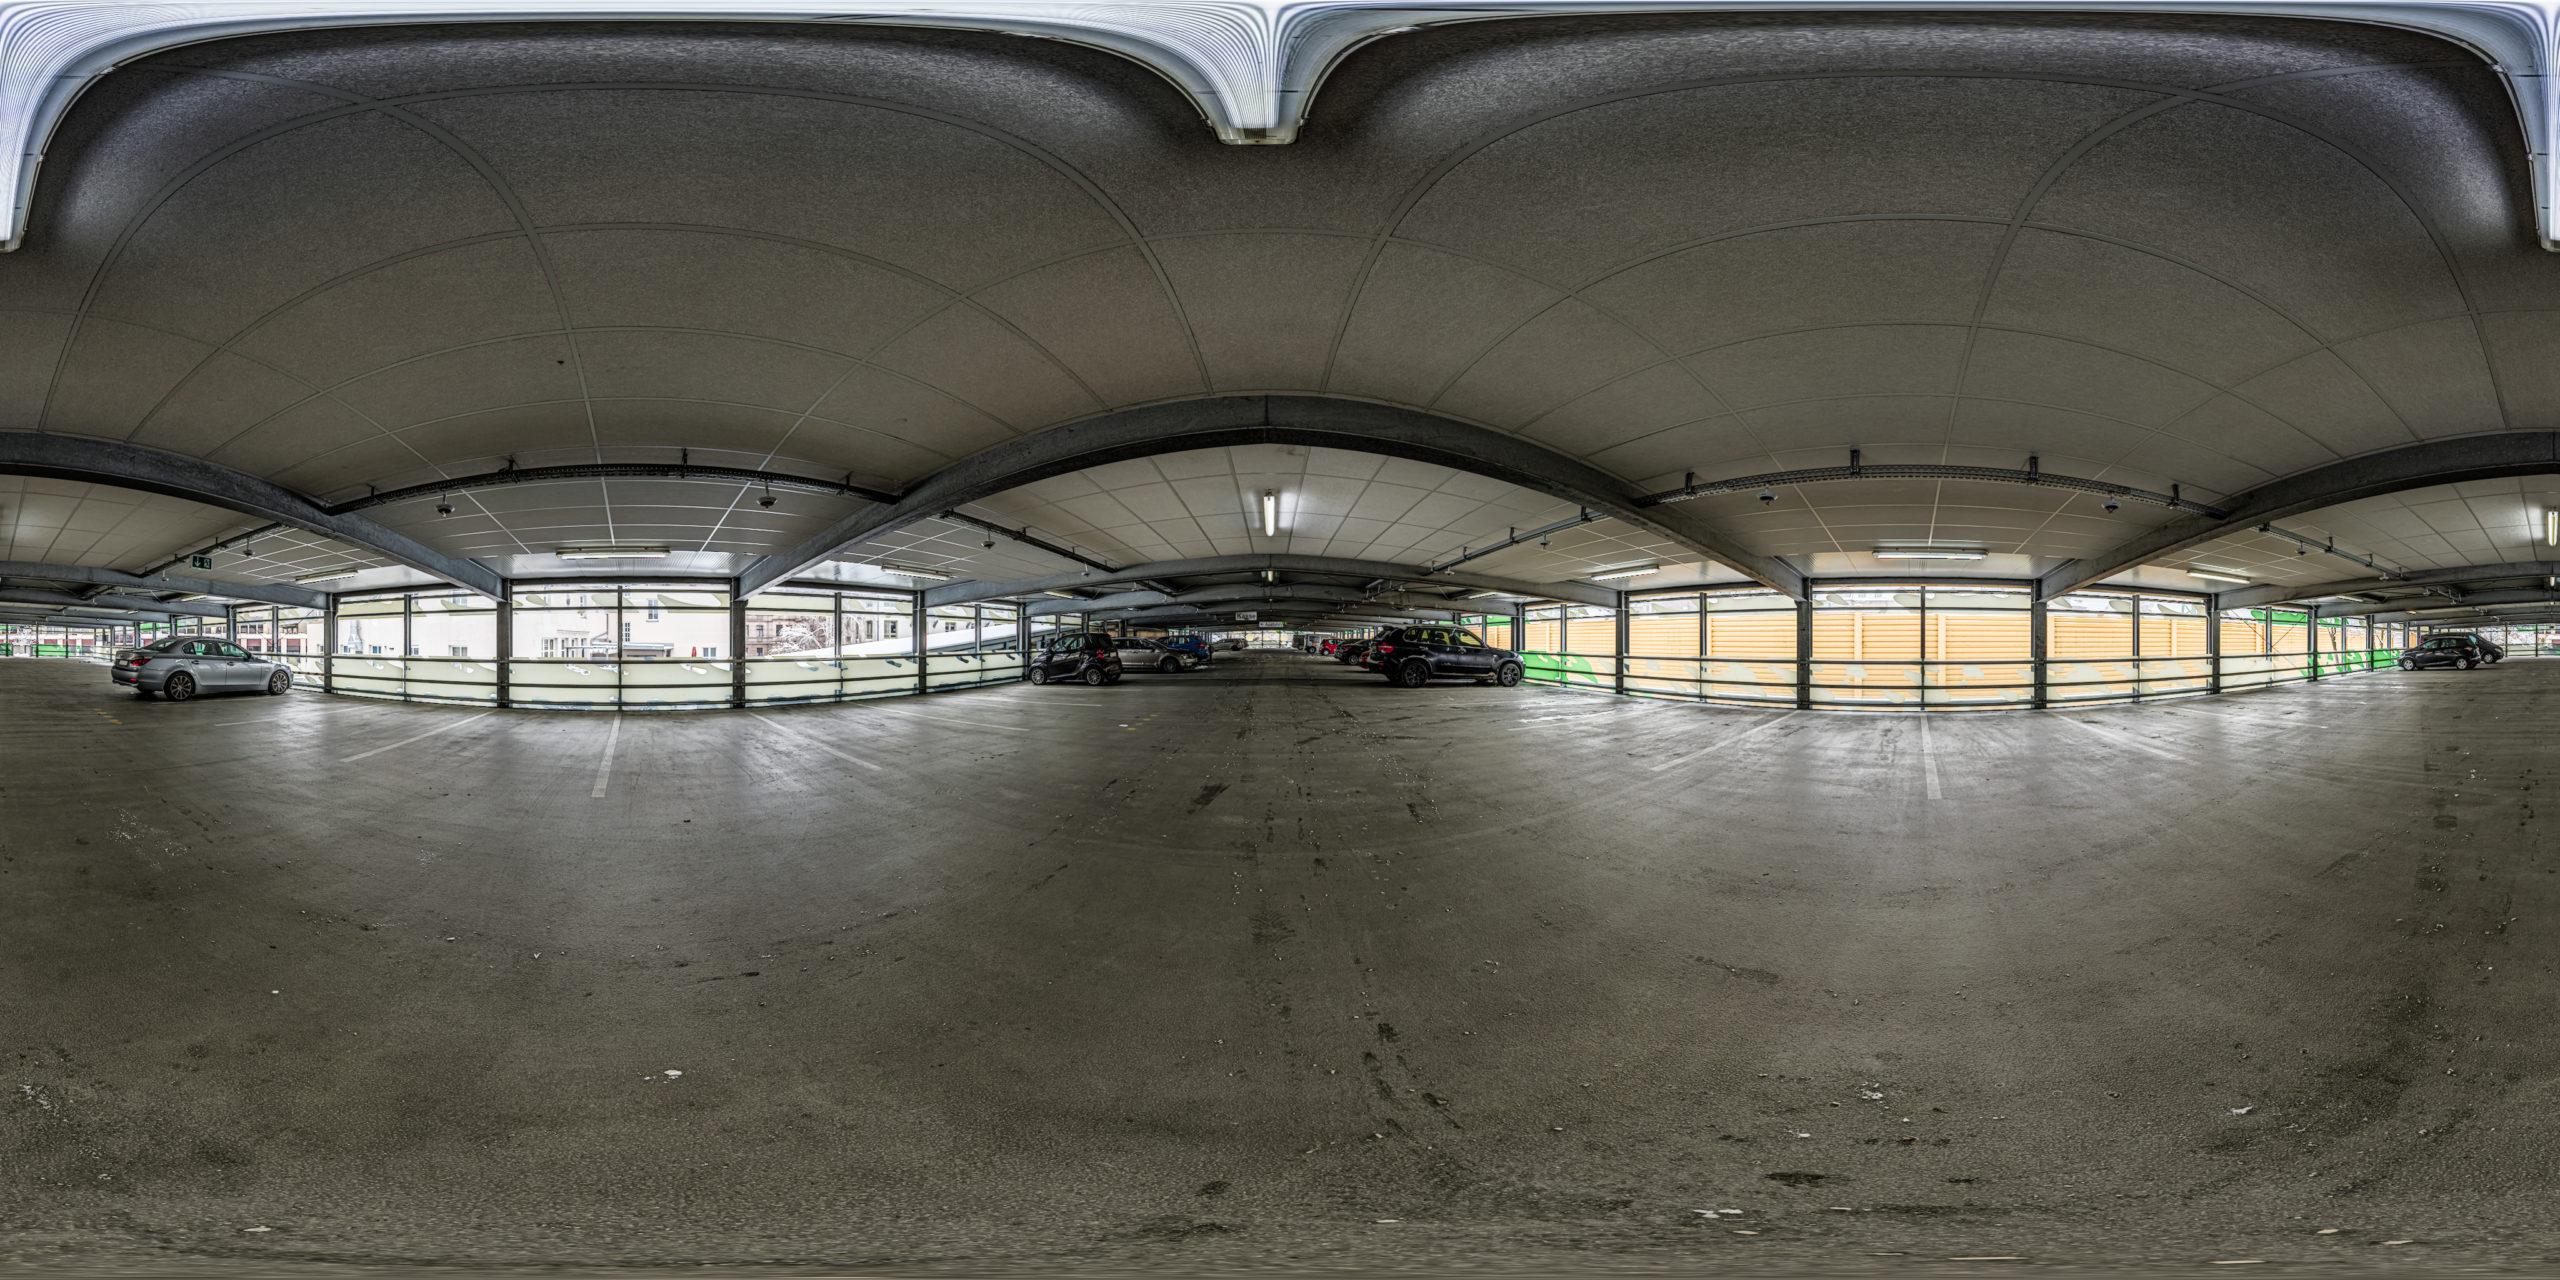 HDRI-Skies-Parking-Garage-Comödie-Fürth